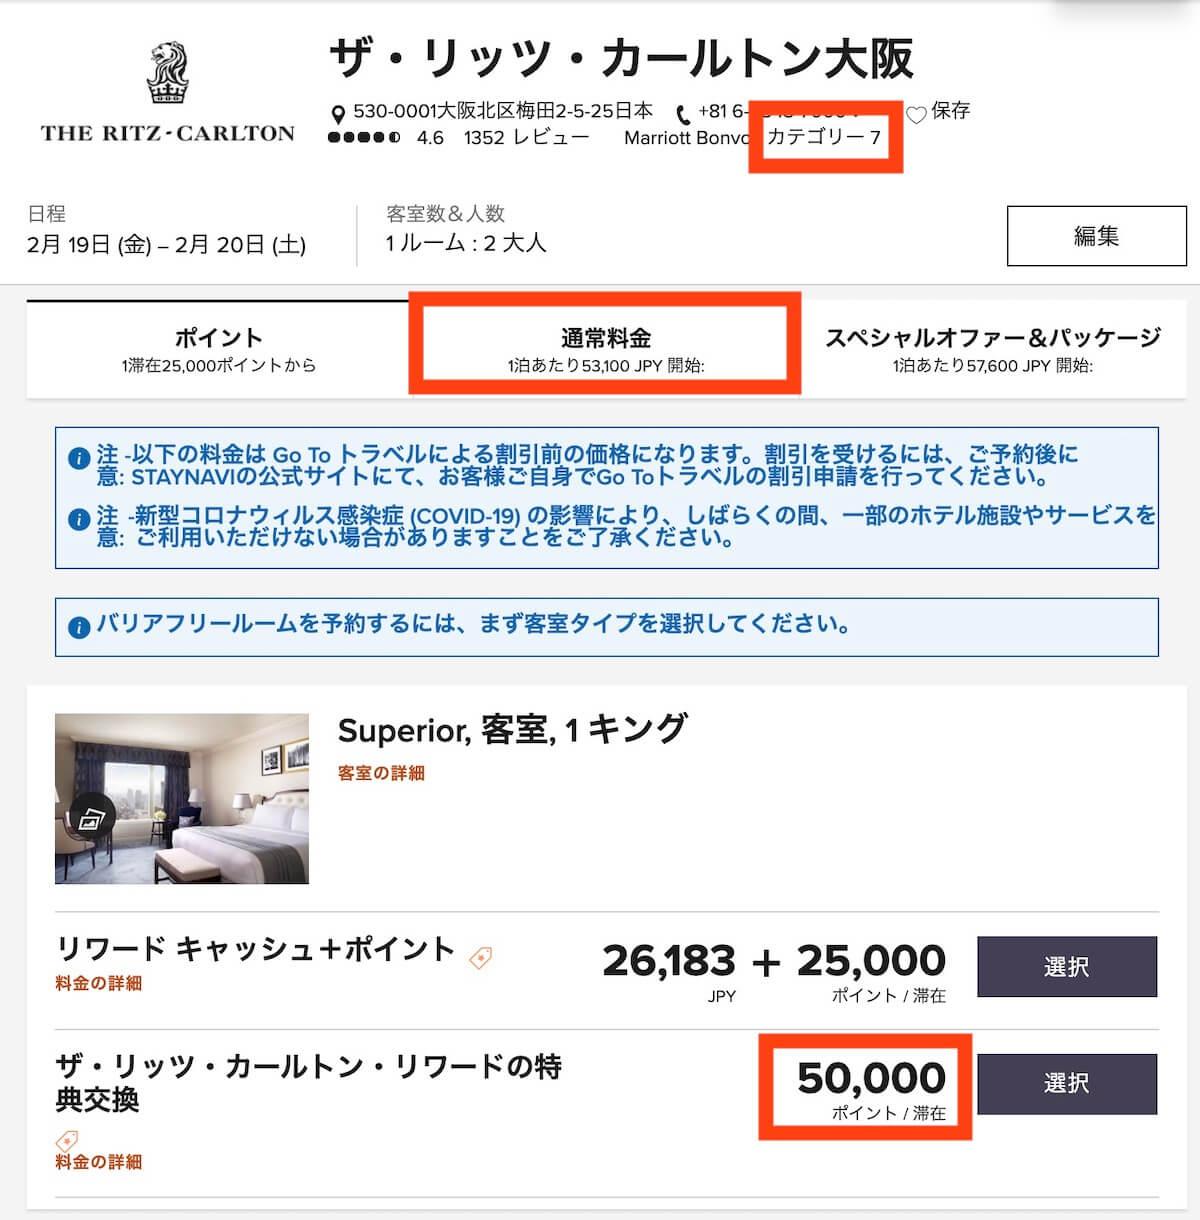 リッツカールトン 大阪 SPGアメックス無料宿泊特典対象